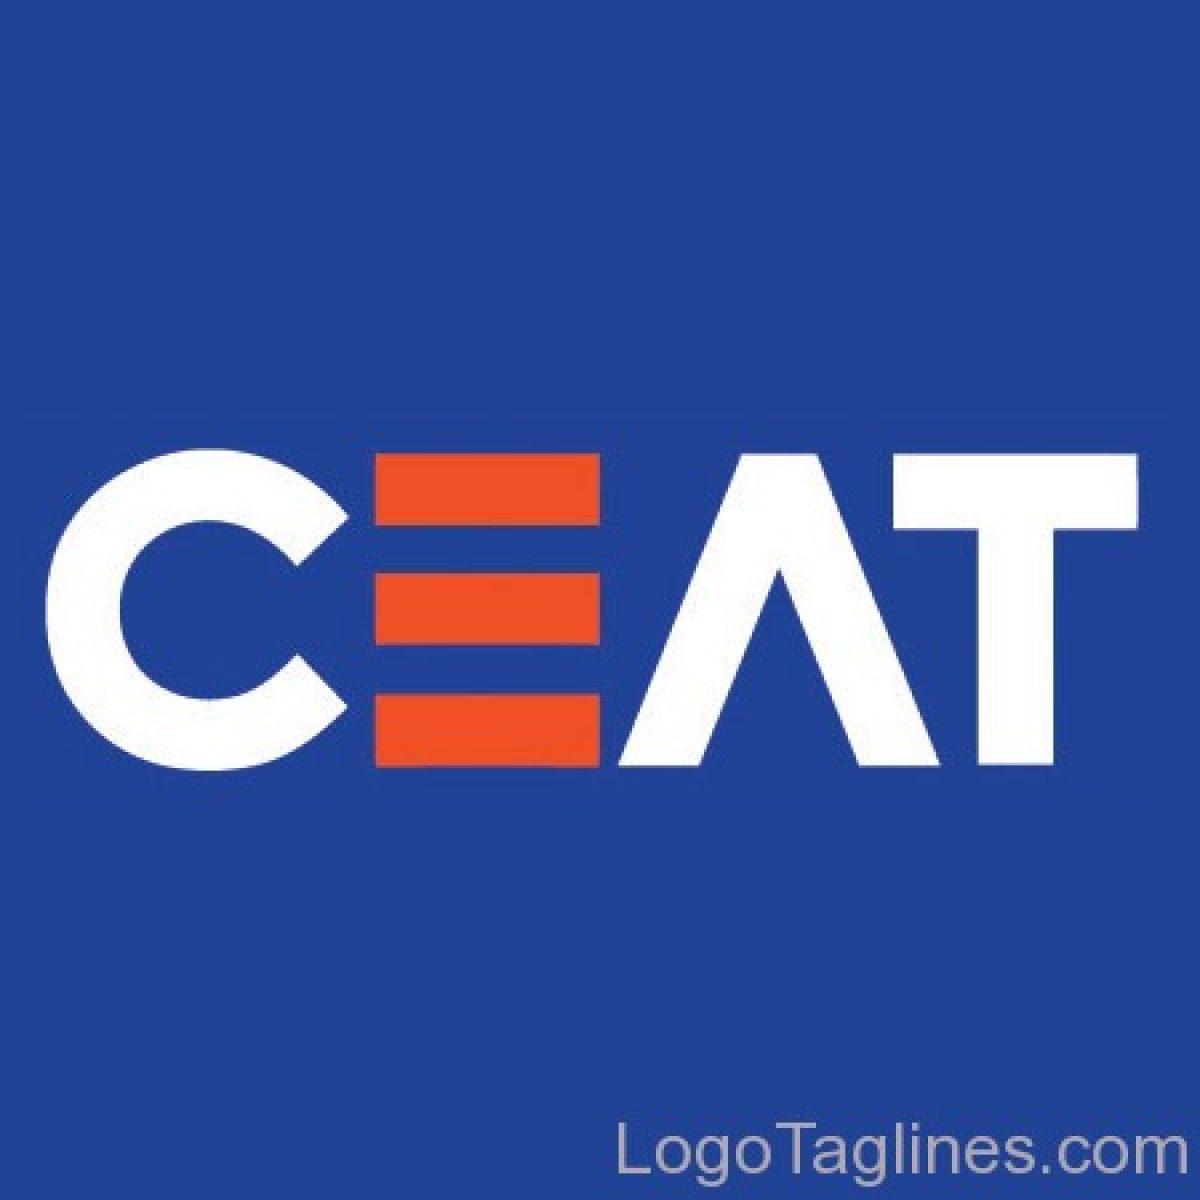 Ceat Brand Logo